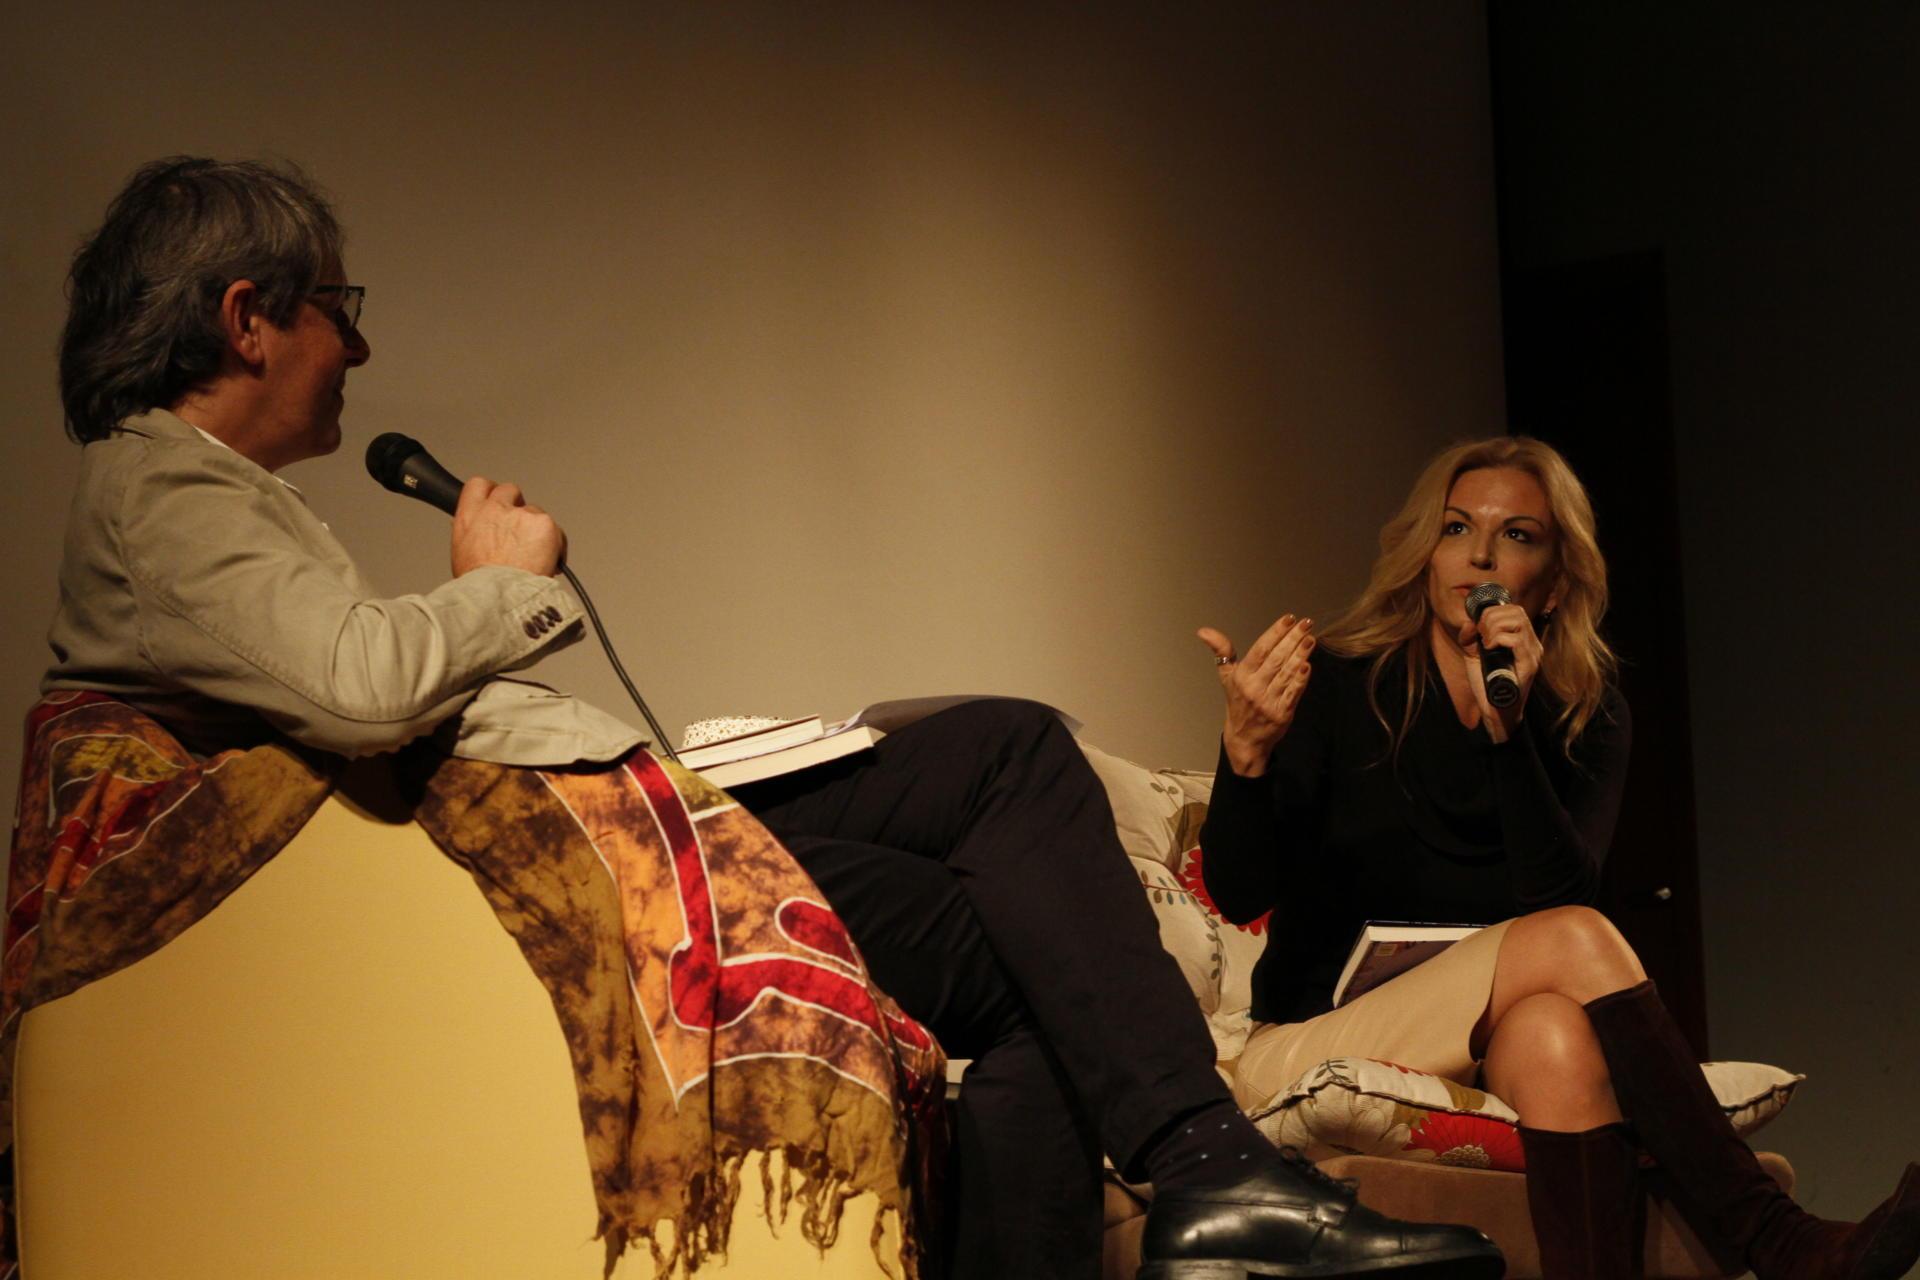 Foto colorida horizontal mostra duas pessoas sentadas, em primeiro plano, uma de lado, a escritora de frente, falando ao microfone e gesticulando, sob uma luz fraca